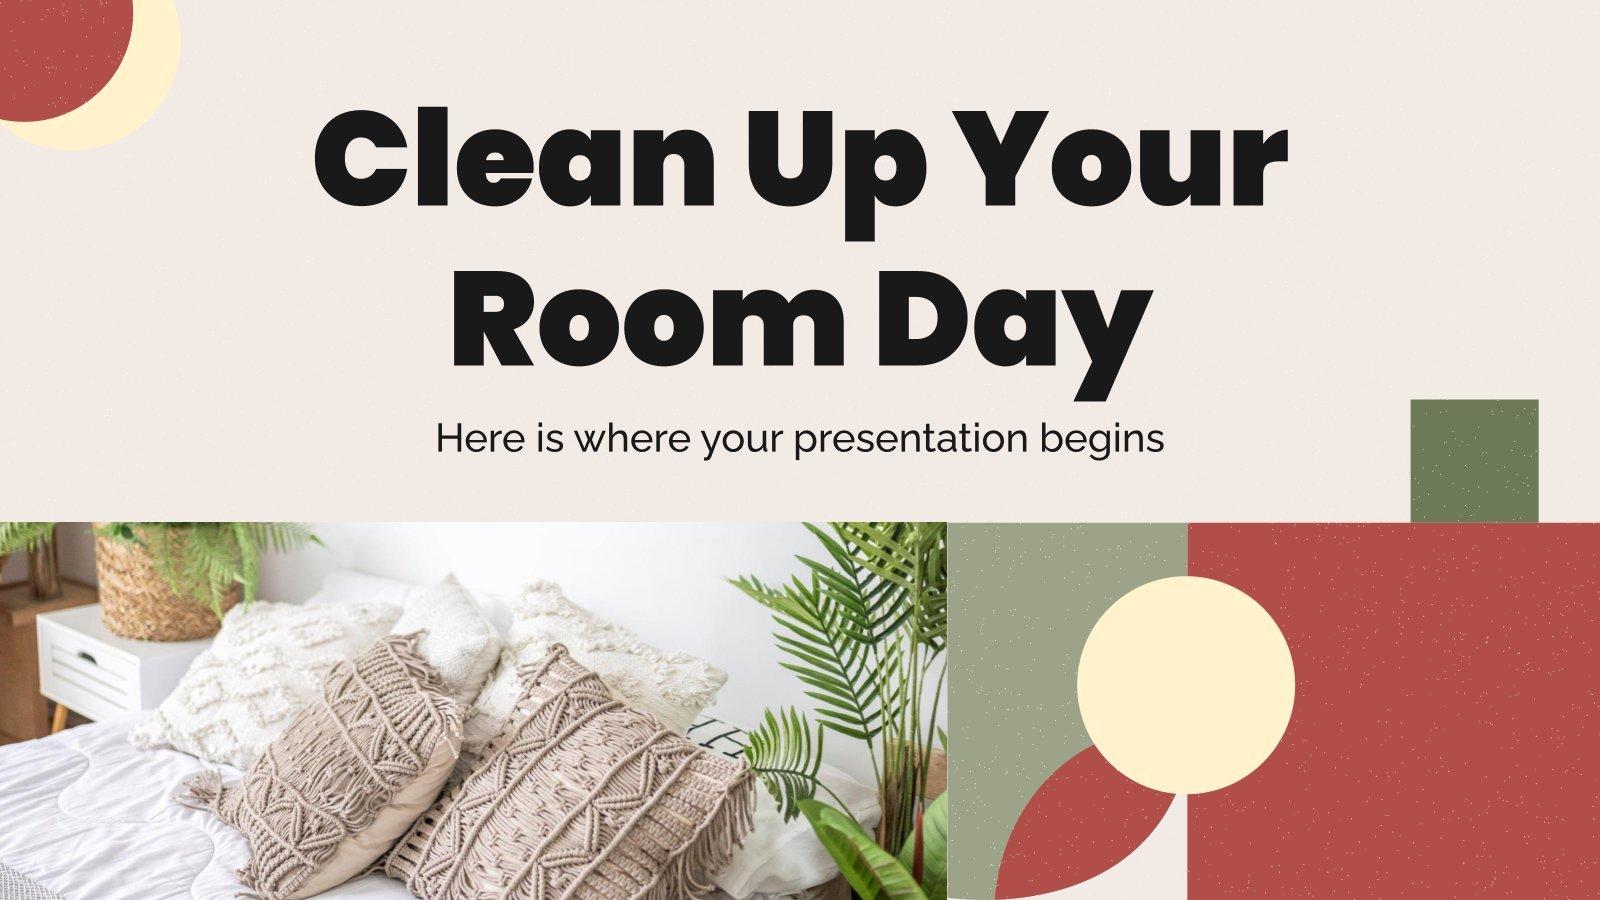 Journée de nettoyage des chambres : Modèles de présentation